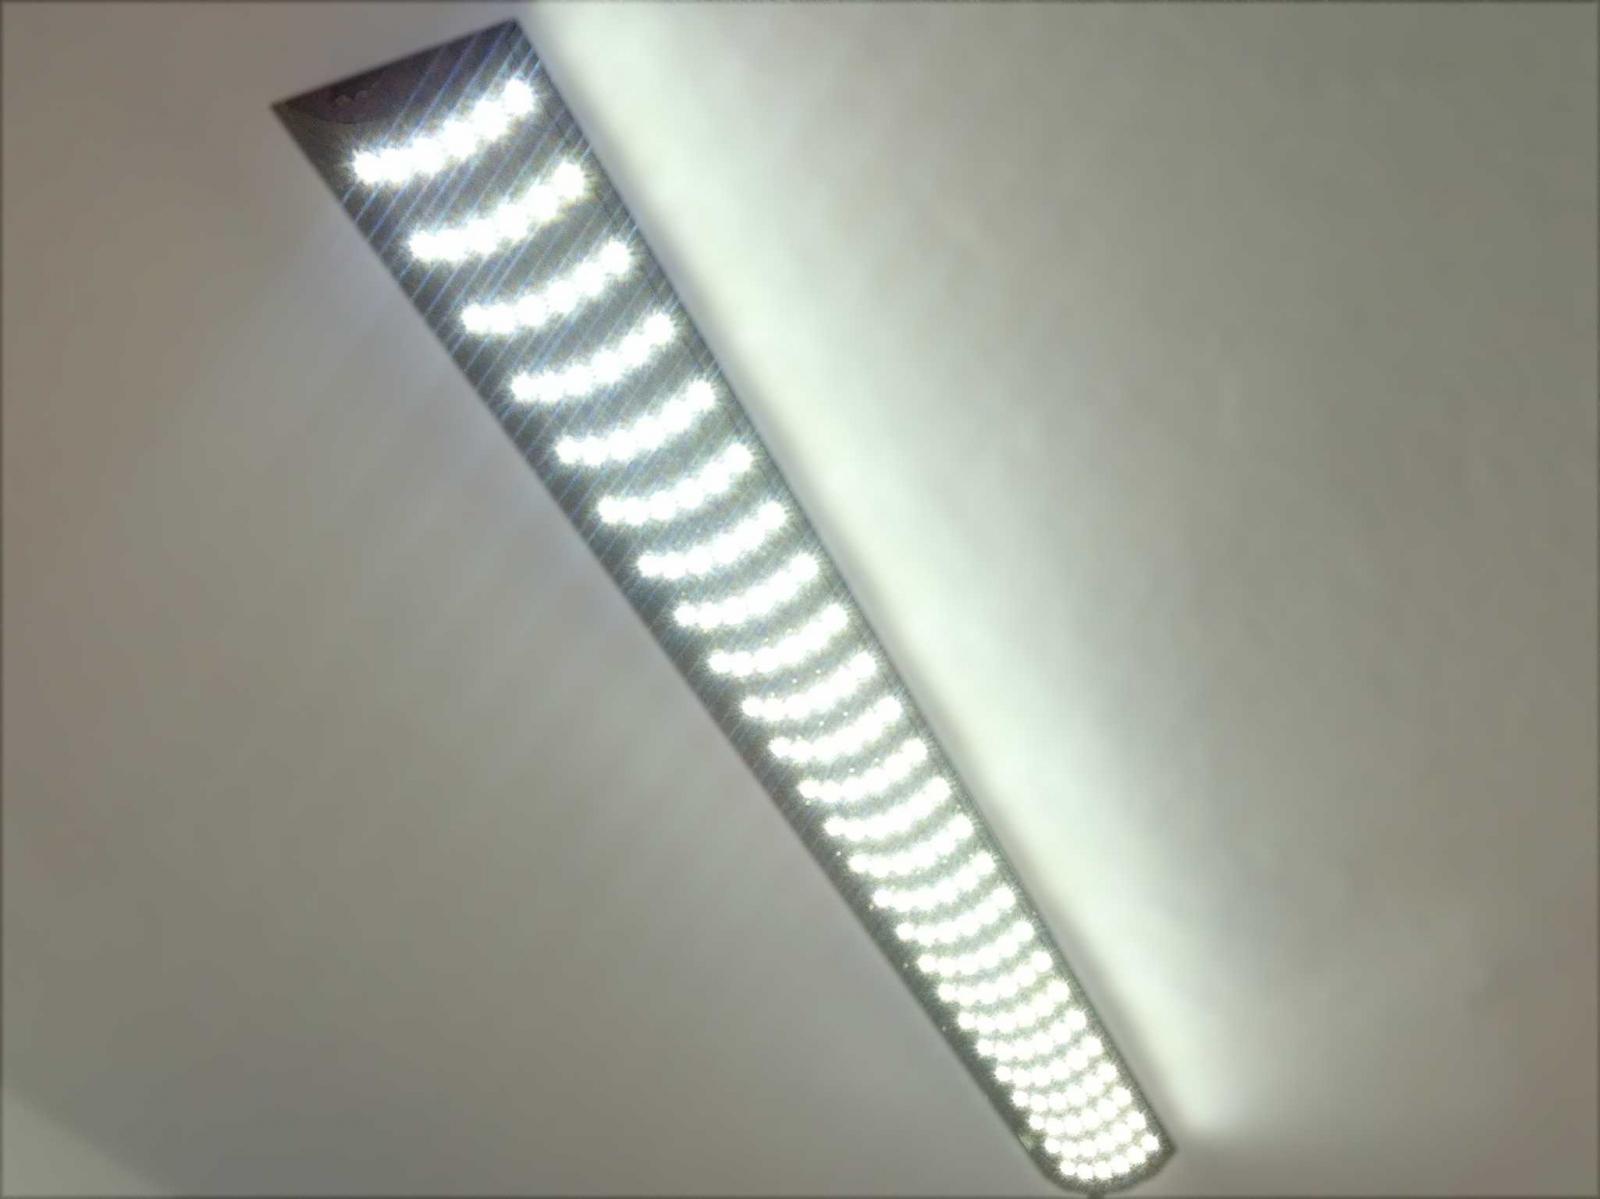 Oświetlenie Led Na Bazie Klosza Lampy Jarzeniowej